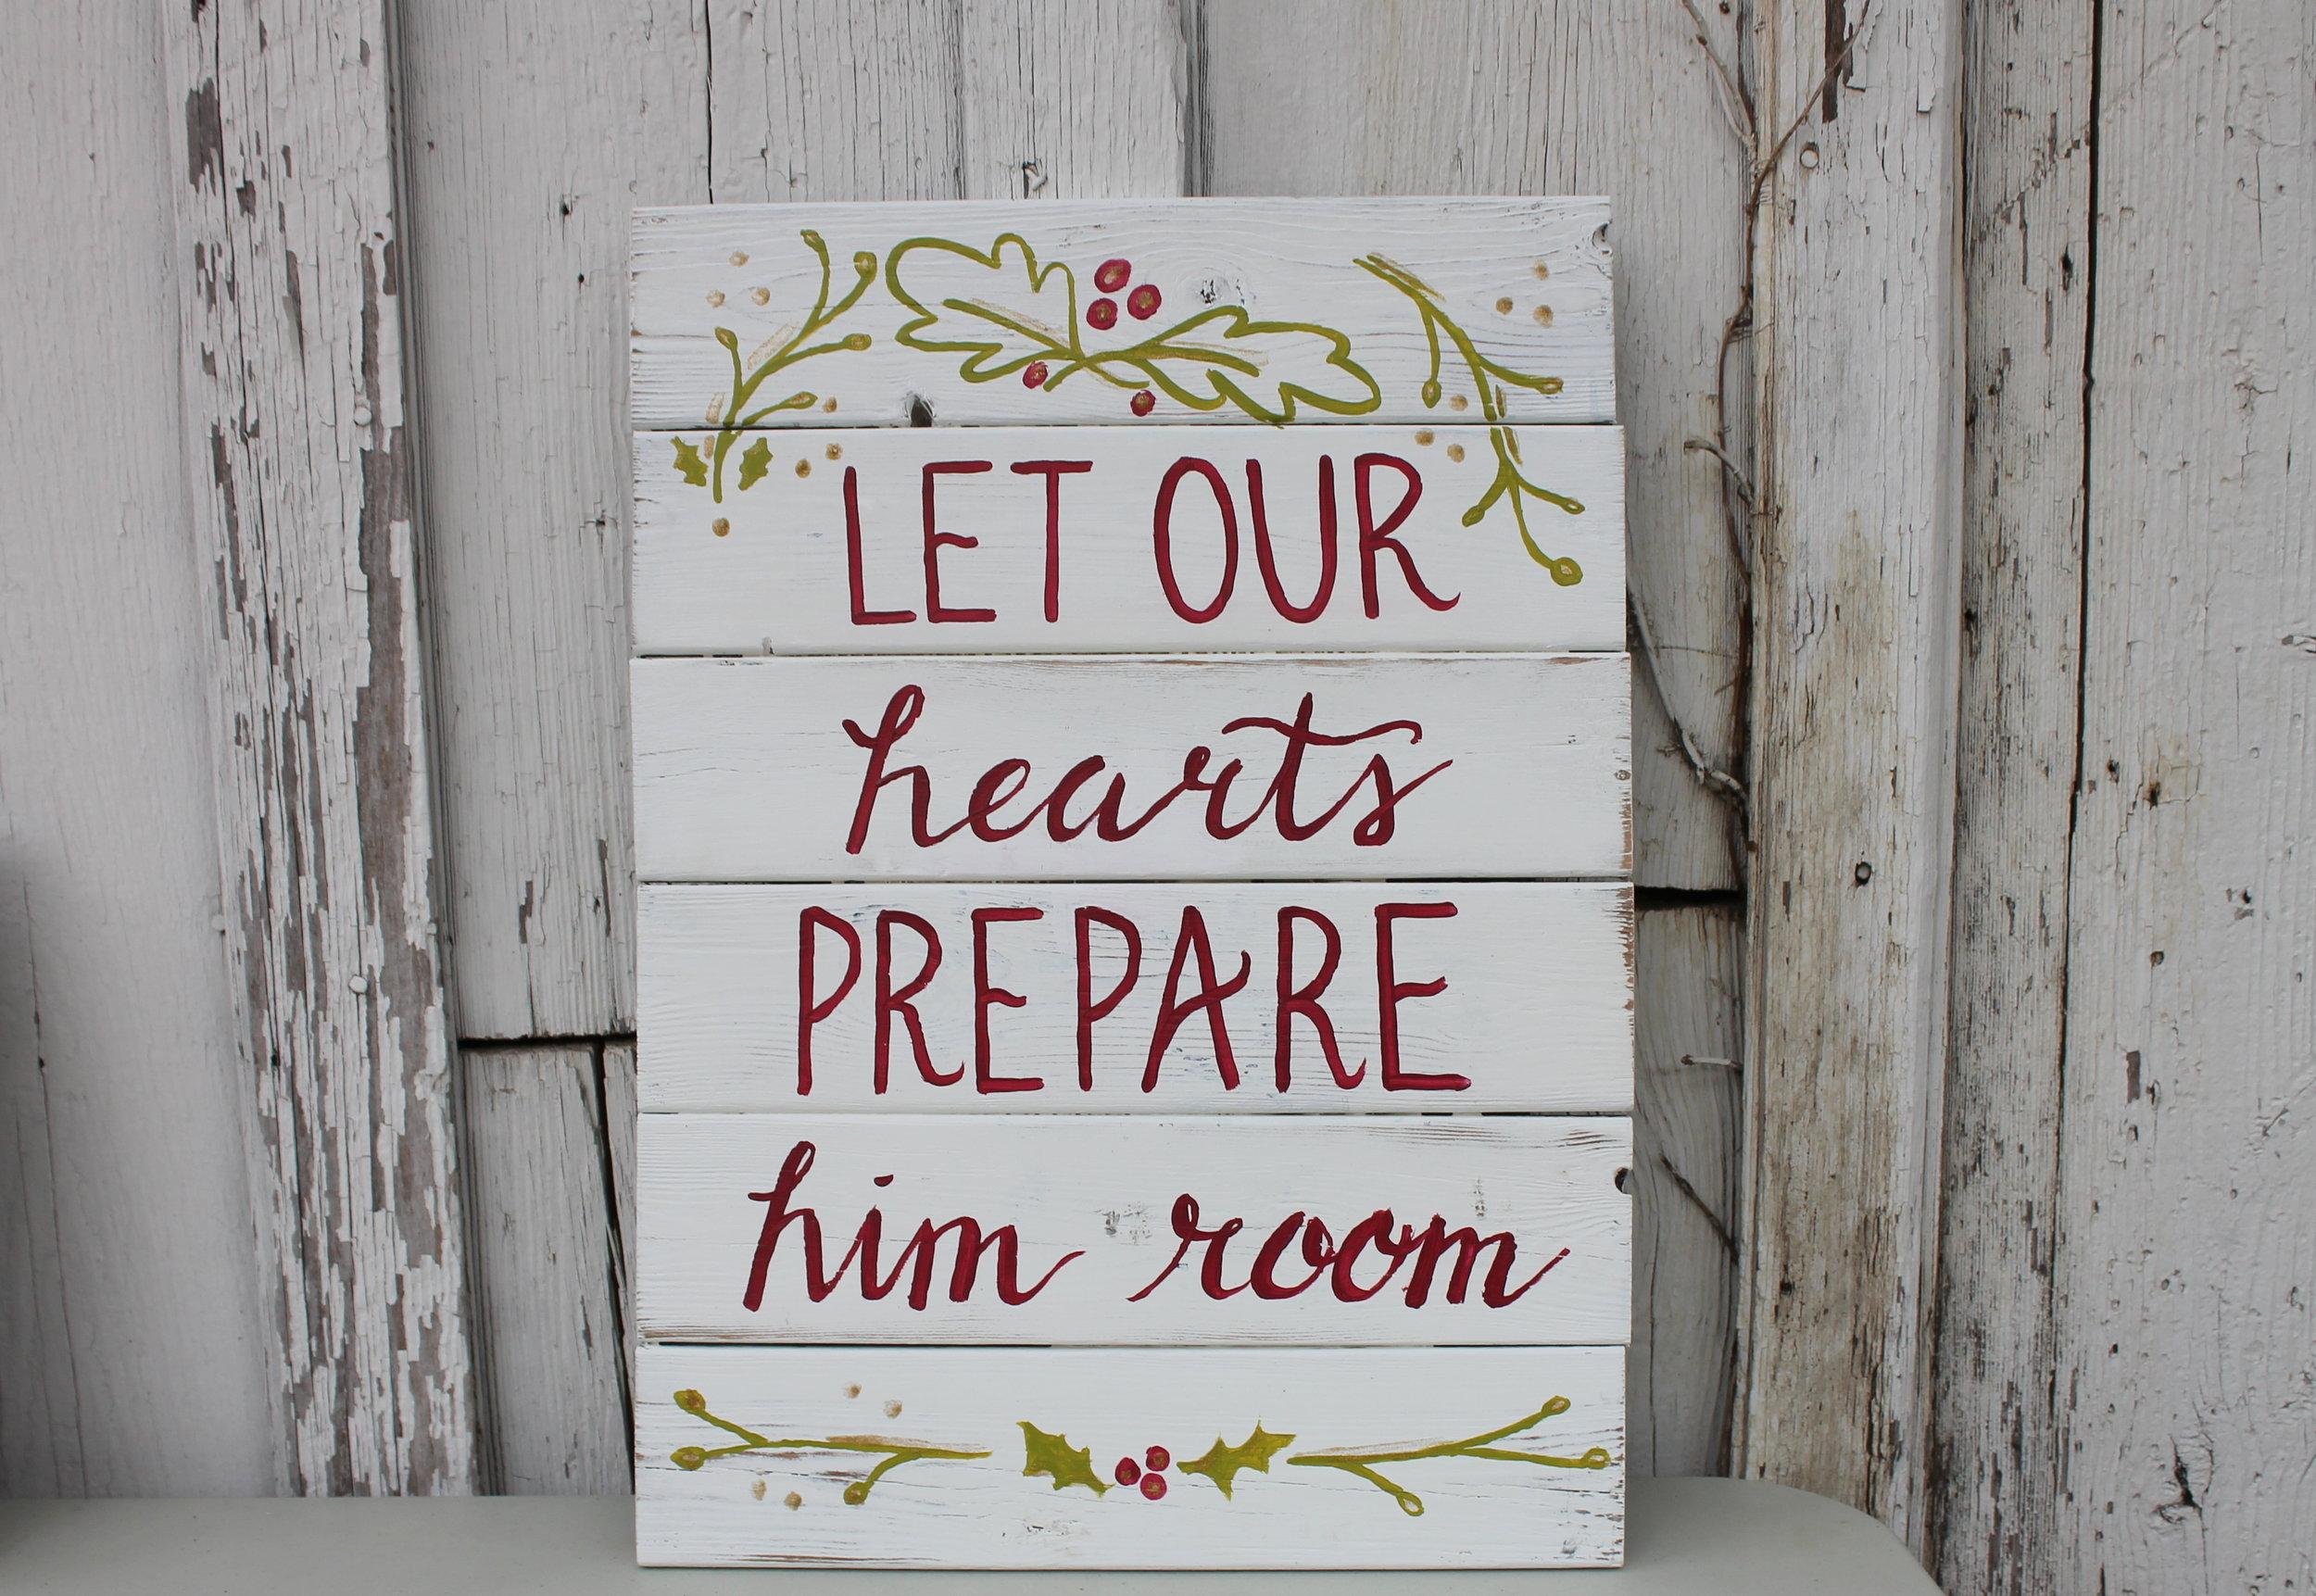 prepare him room 2.JPG